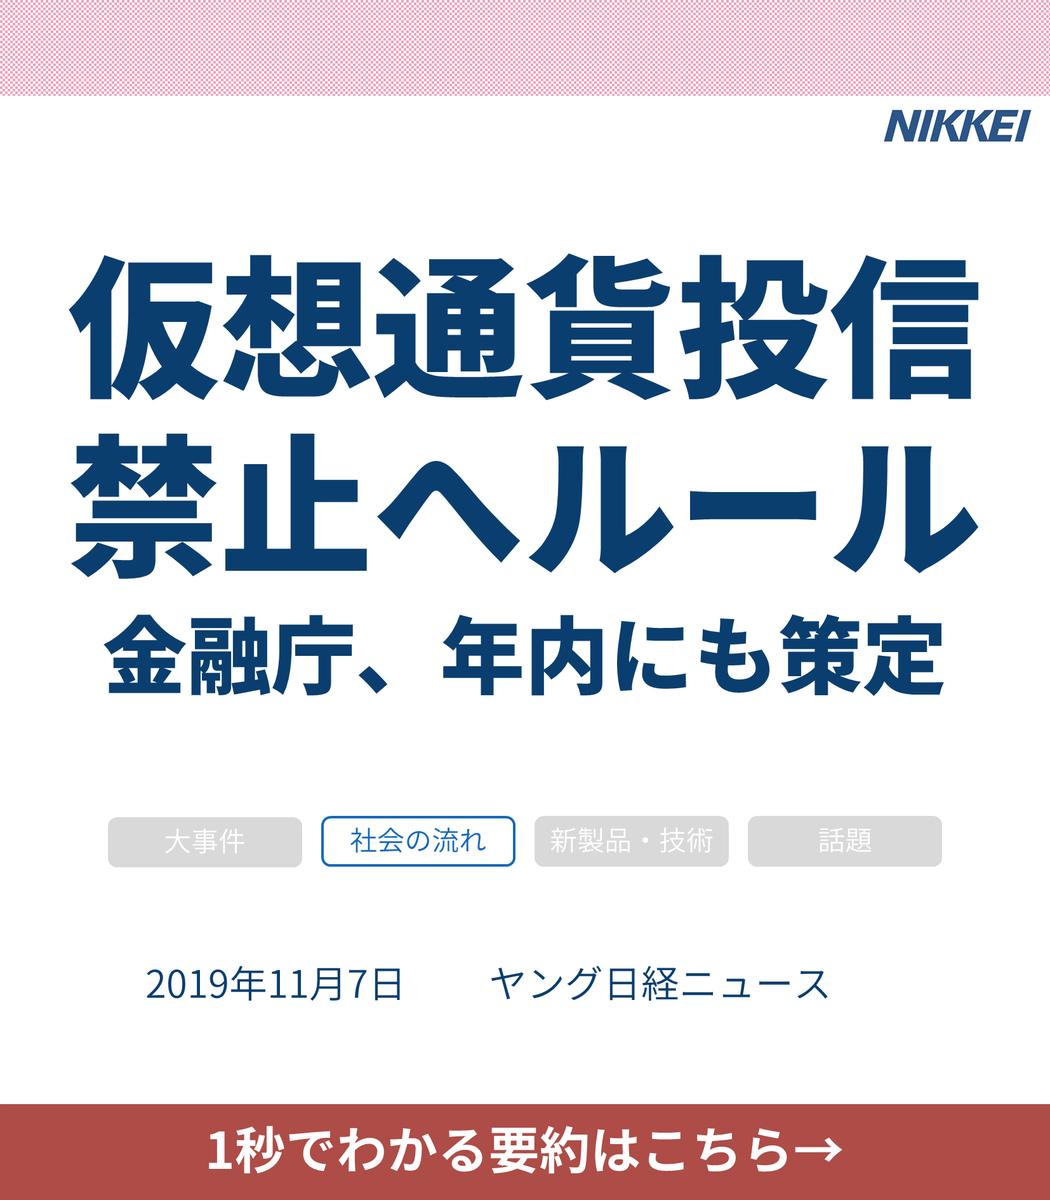 【社会の流れ】仮想通貨投信を禁止 金融庁、年内にも指針に盛る仮想通貨投信は、日本ではまだ販売されたことがない#ルール